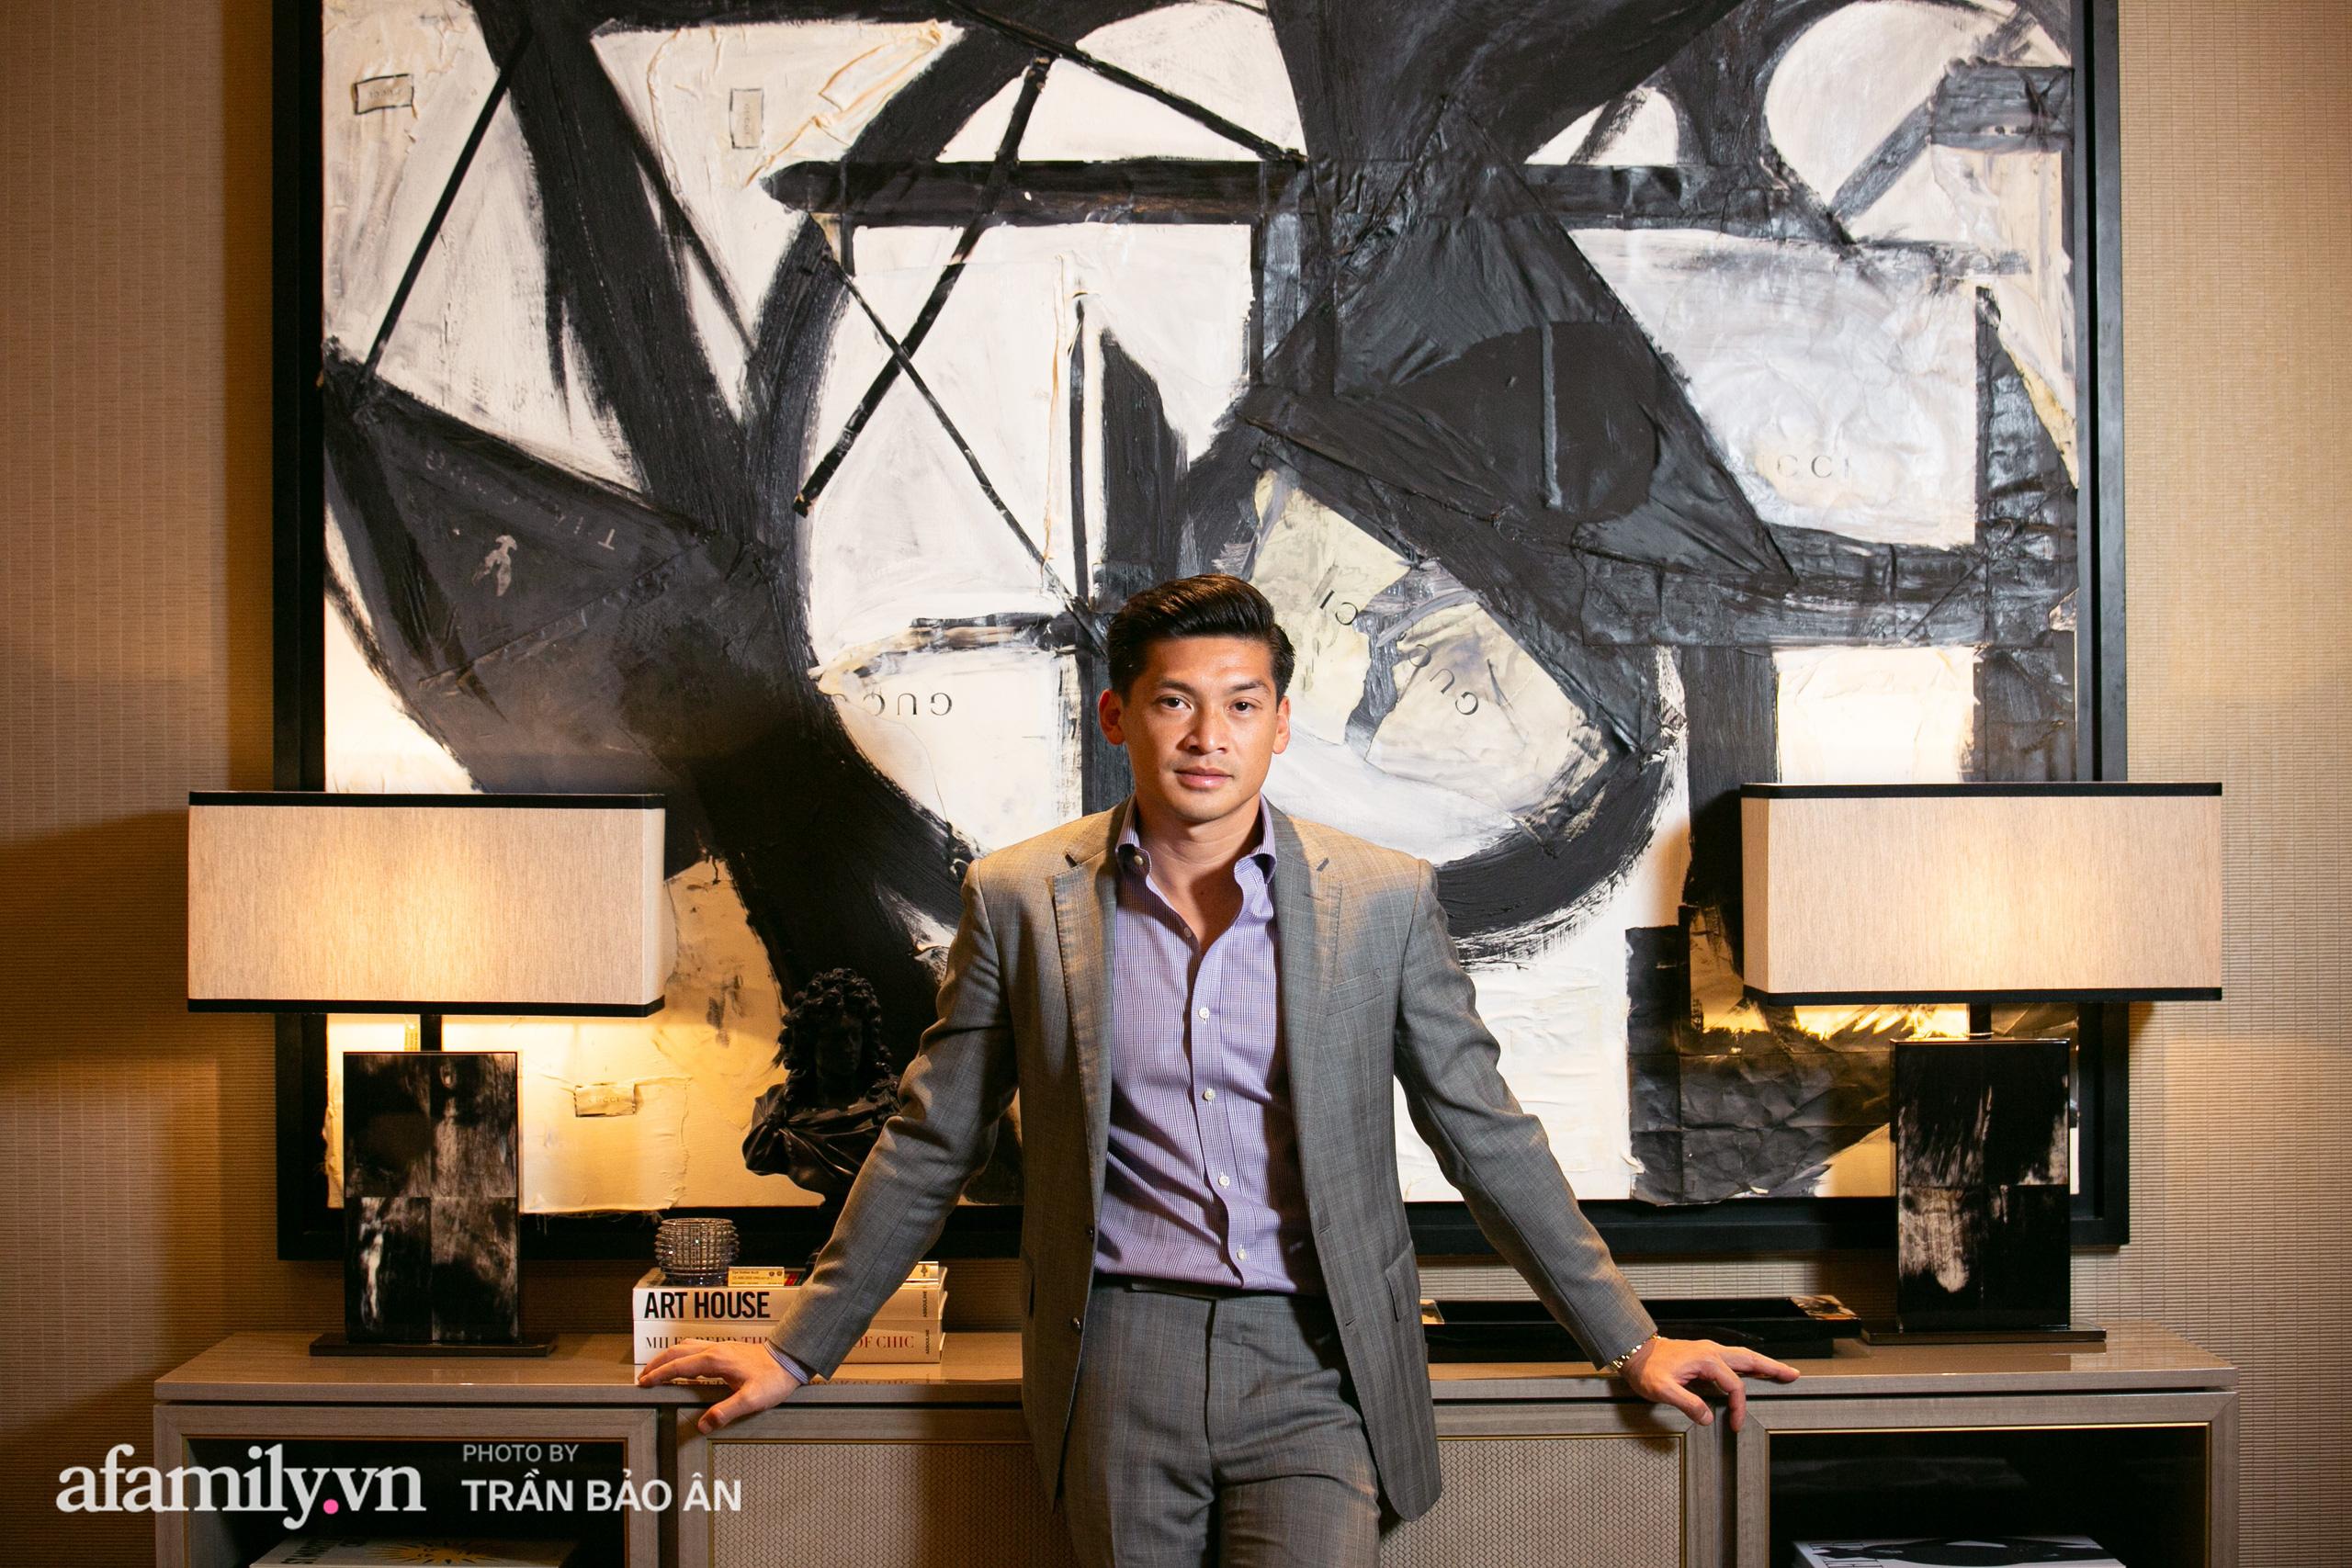 """Yves Huy Phan – CEO 30 tuổi làm chủ đế chế nội thất xa xỉ tiết lộ quá trình """"làm giàu"""" và điều bí mật trong mối tình đồng giới với nhà thiết kế nội thất nổi tiếng nhất Việt Nam - Ảnh 10."""